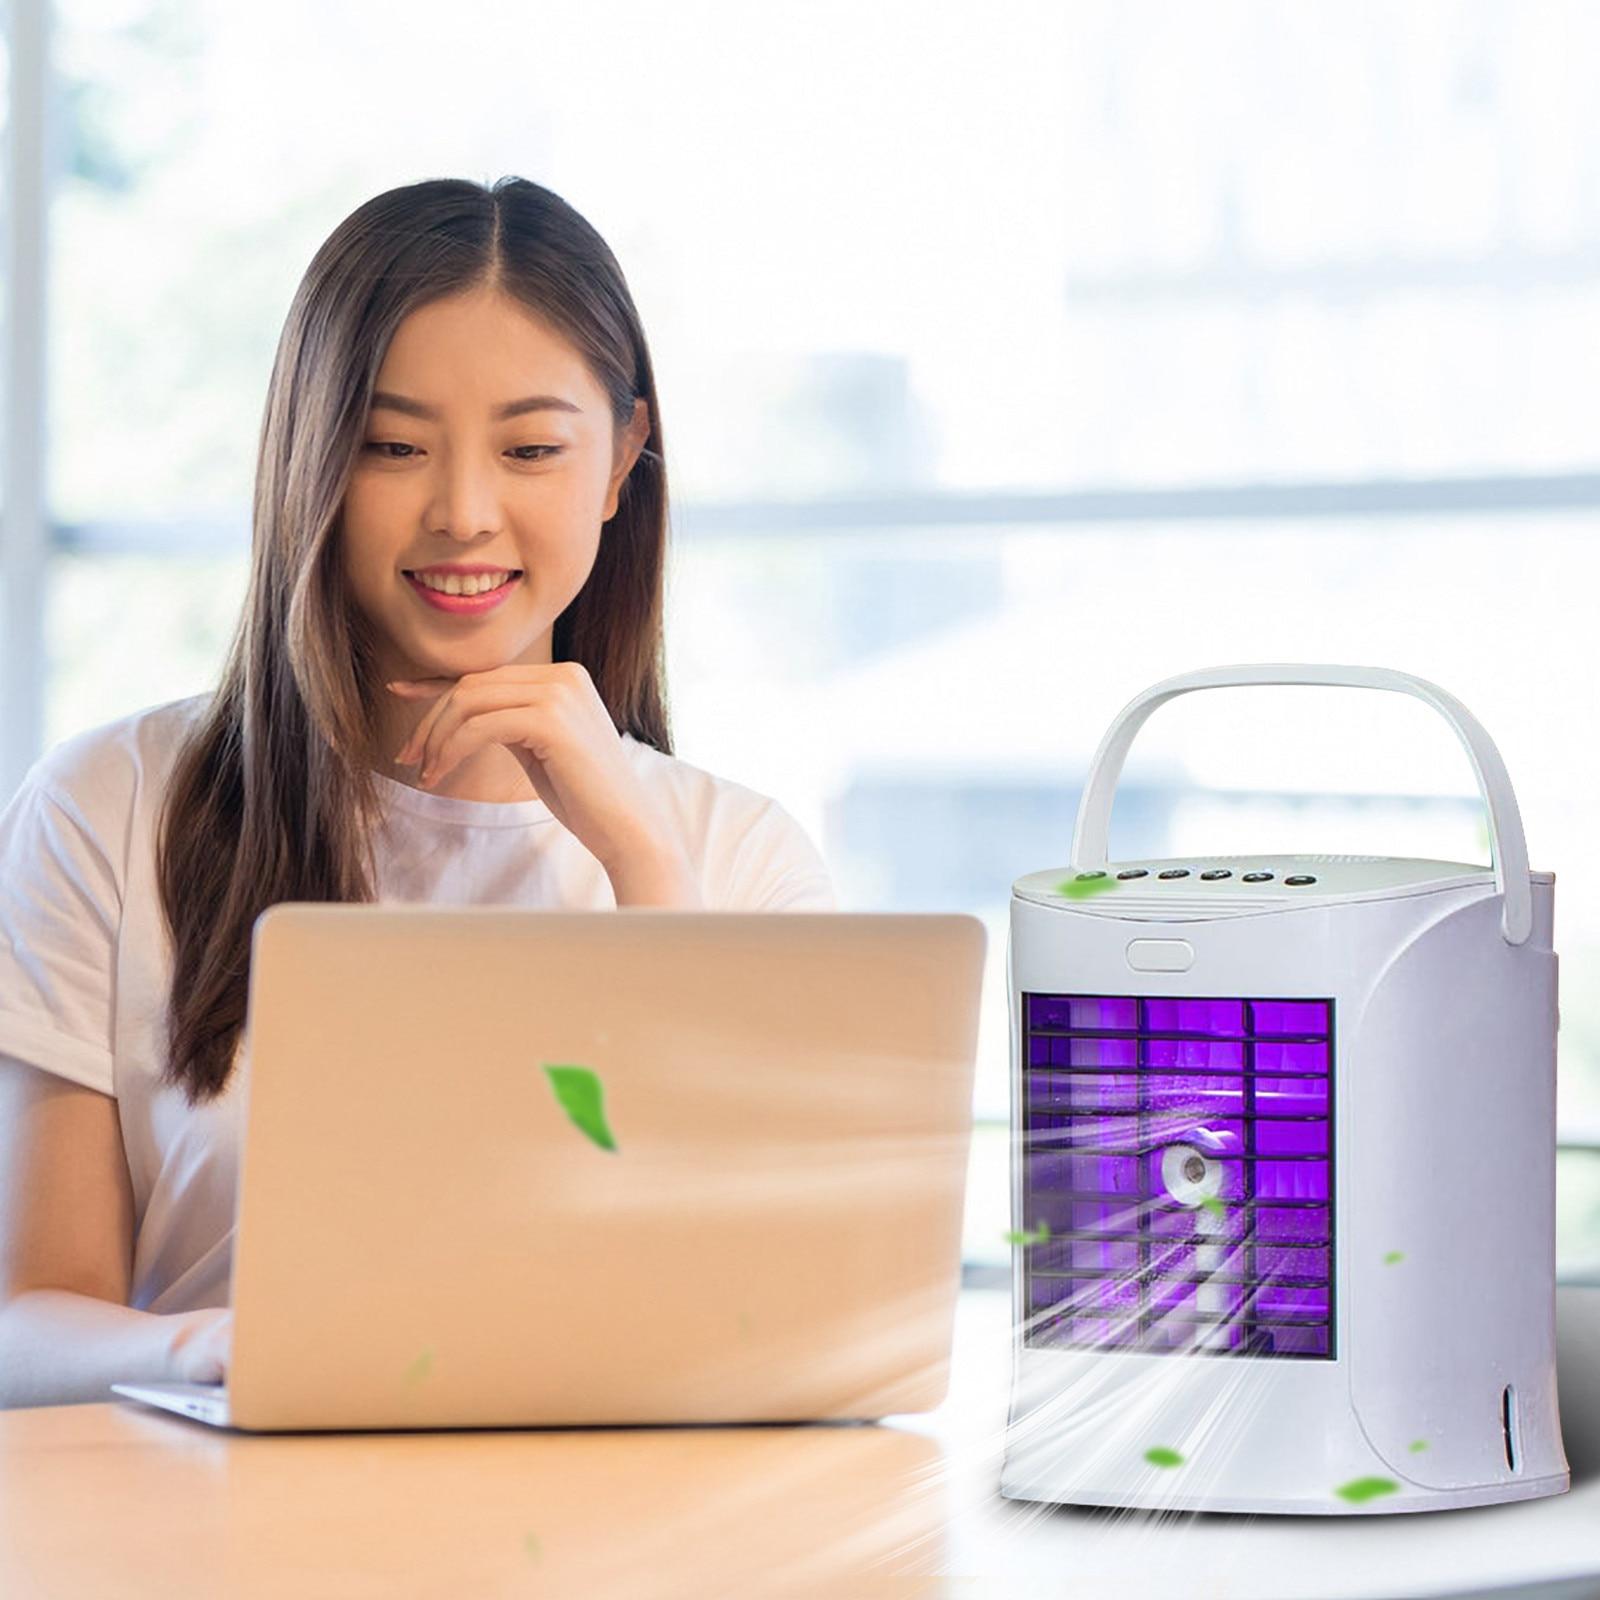 2021 جديد USB صغير مبرد الهواء المحمول مروحة سطح المكتب مكتب تكييف الهواء مروحة الصيف USB شحن البخاخ المرطب مروحة